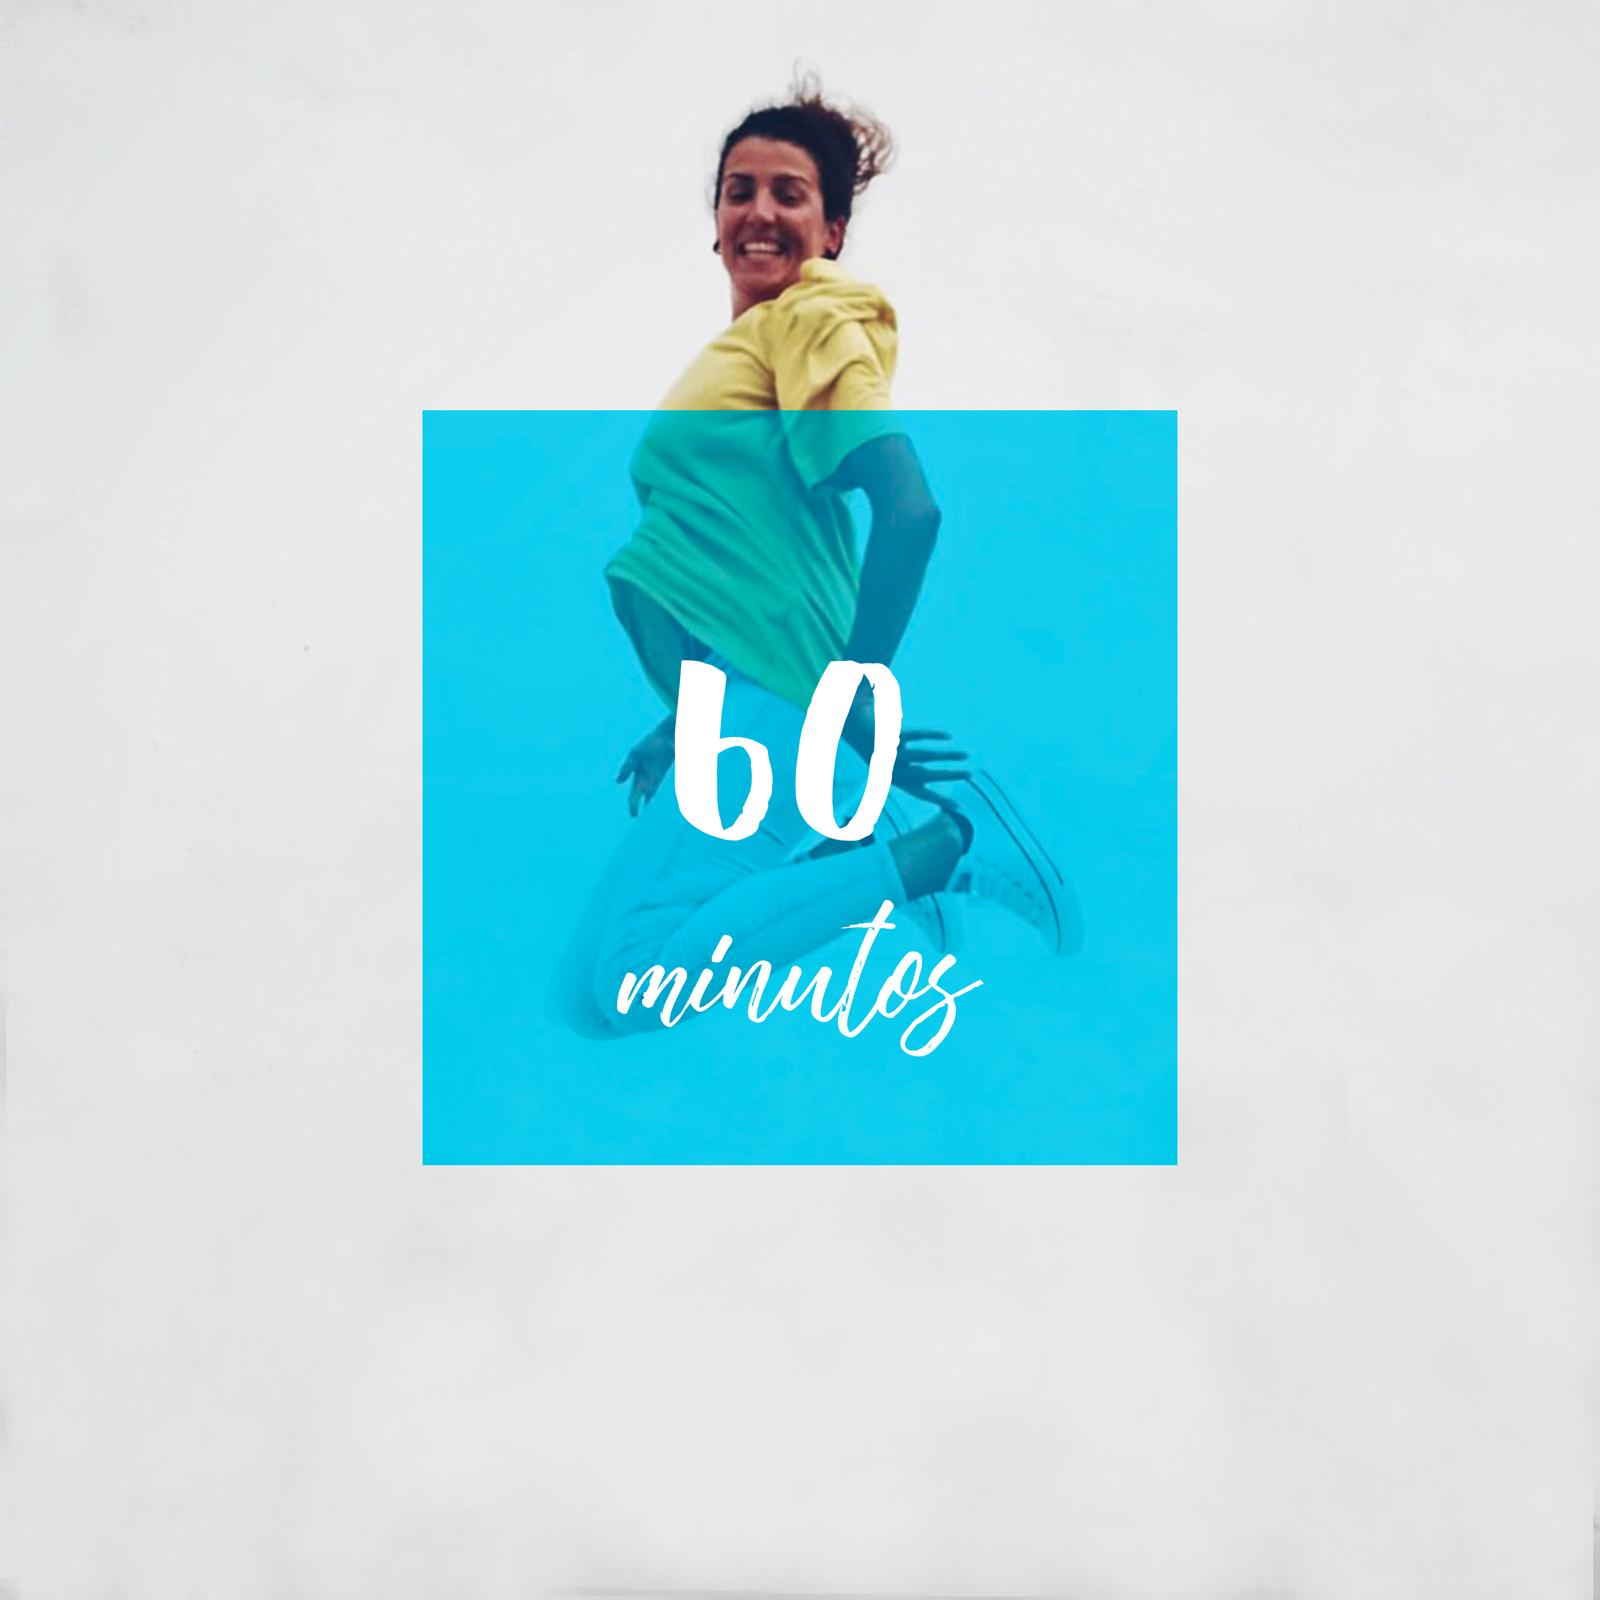 60 MINUTOS